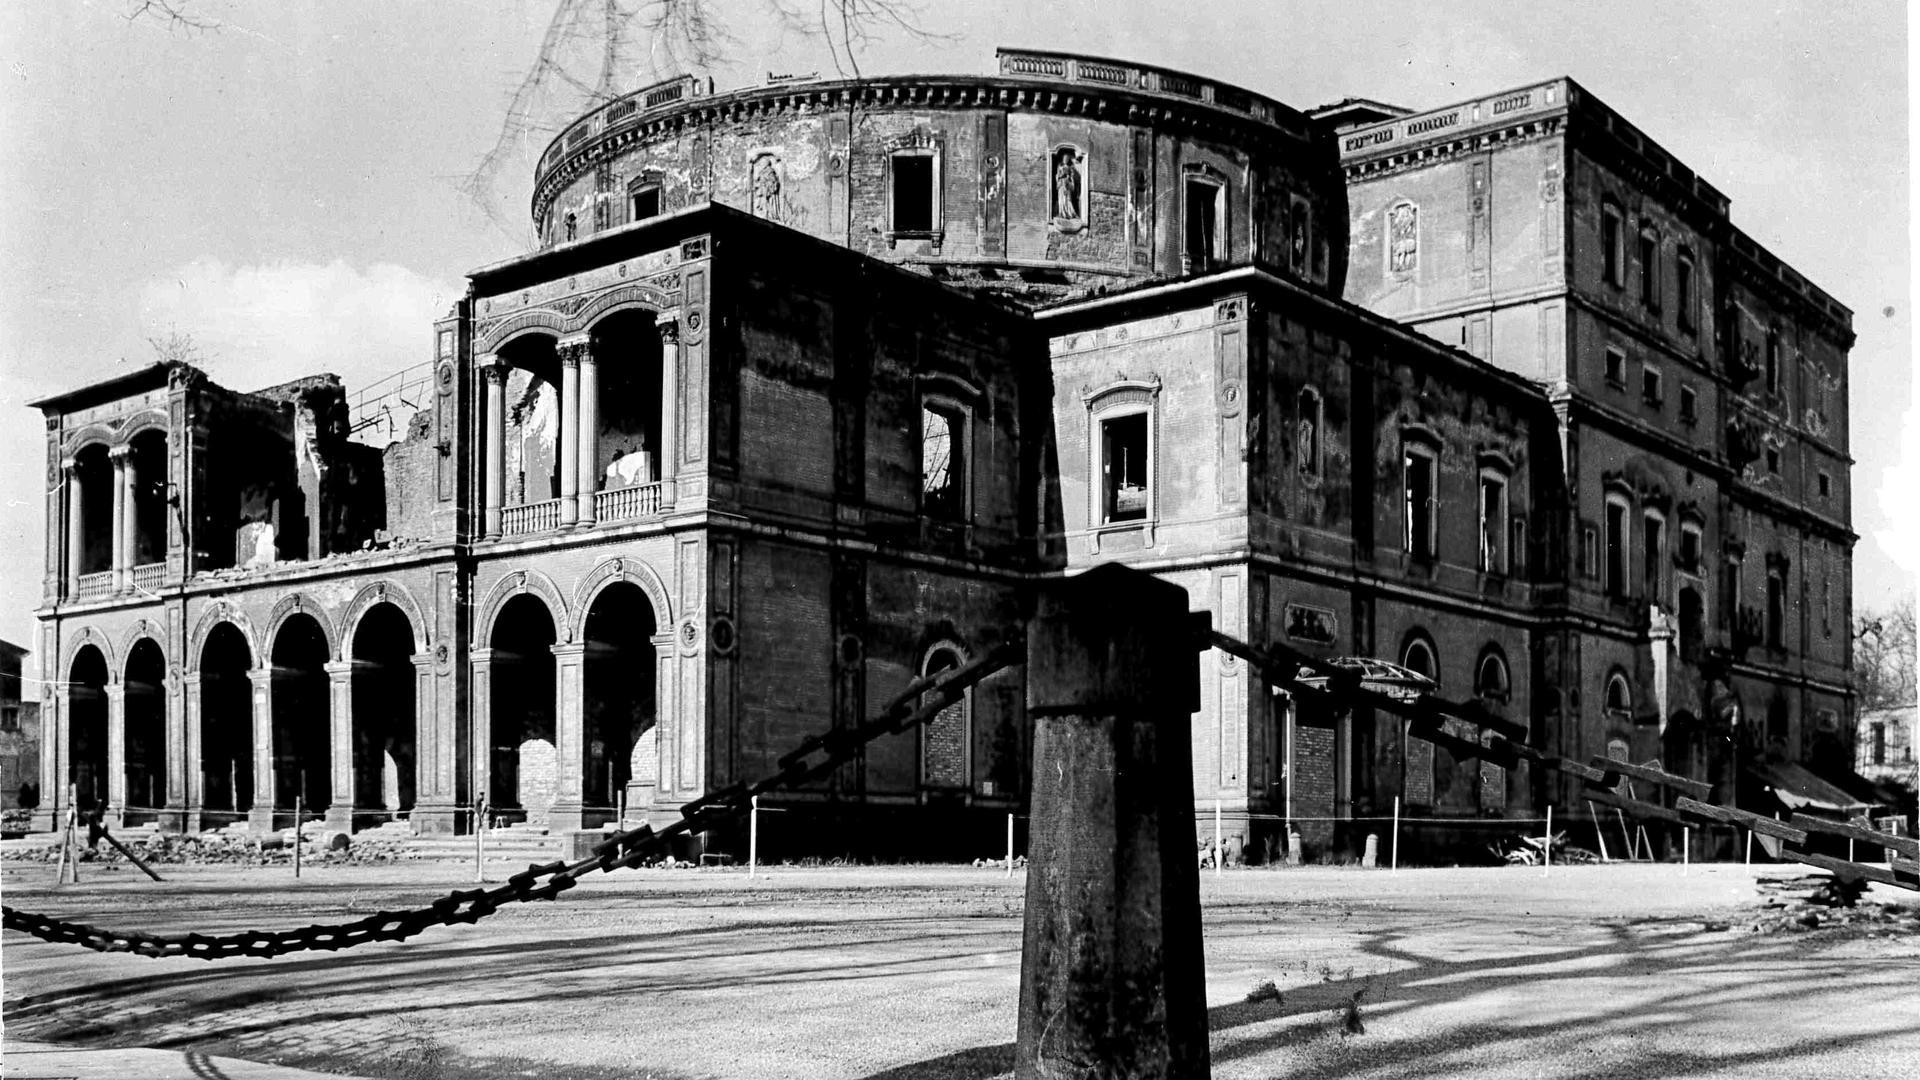 Kriegsopfer: Nur noch die Grundmauern der traditionsreichen Kulturstätte standen, nachdem der Zweite Weltkrieg gewütet hatte.